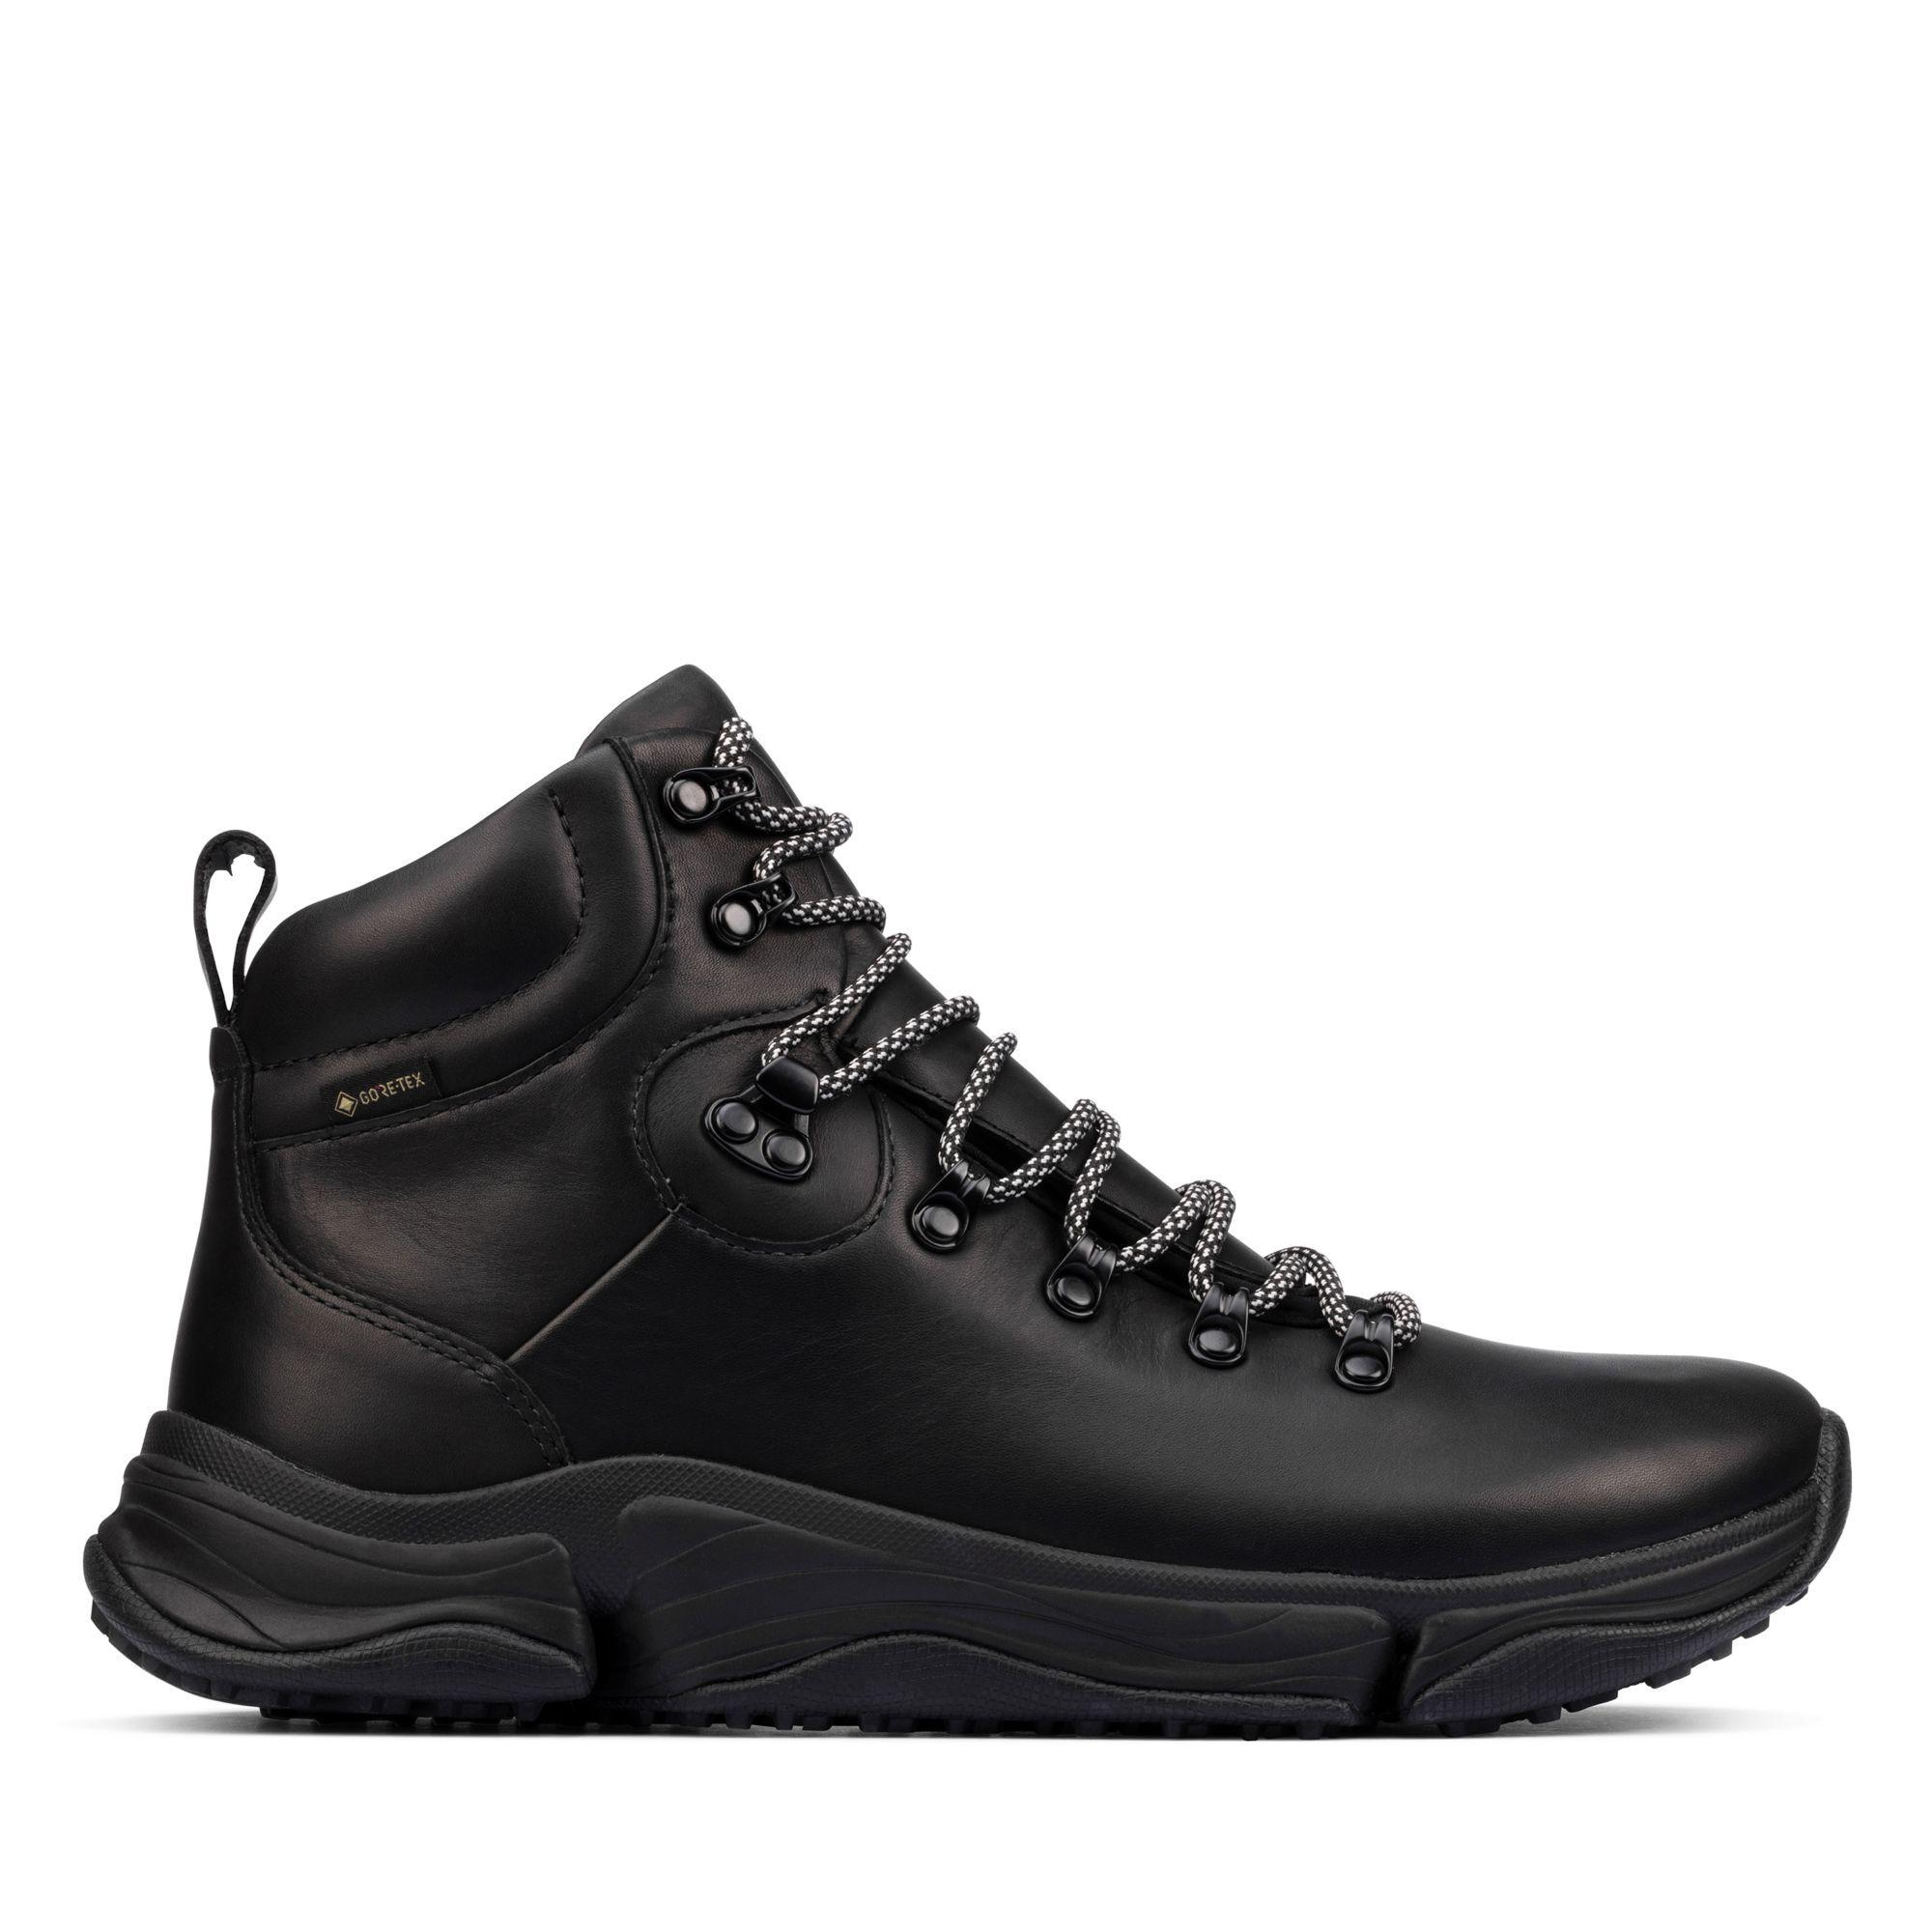 Men's GORE-TEX Boots | Clarks